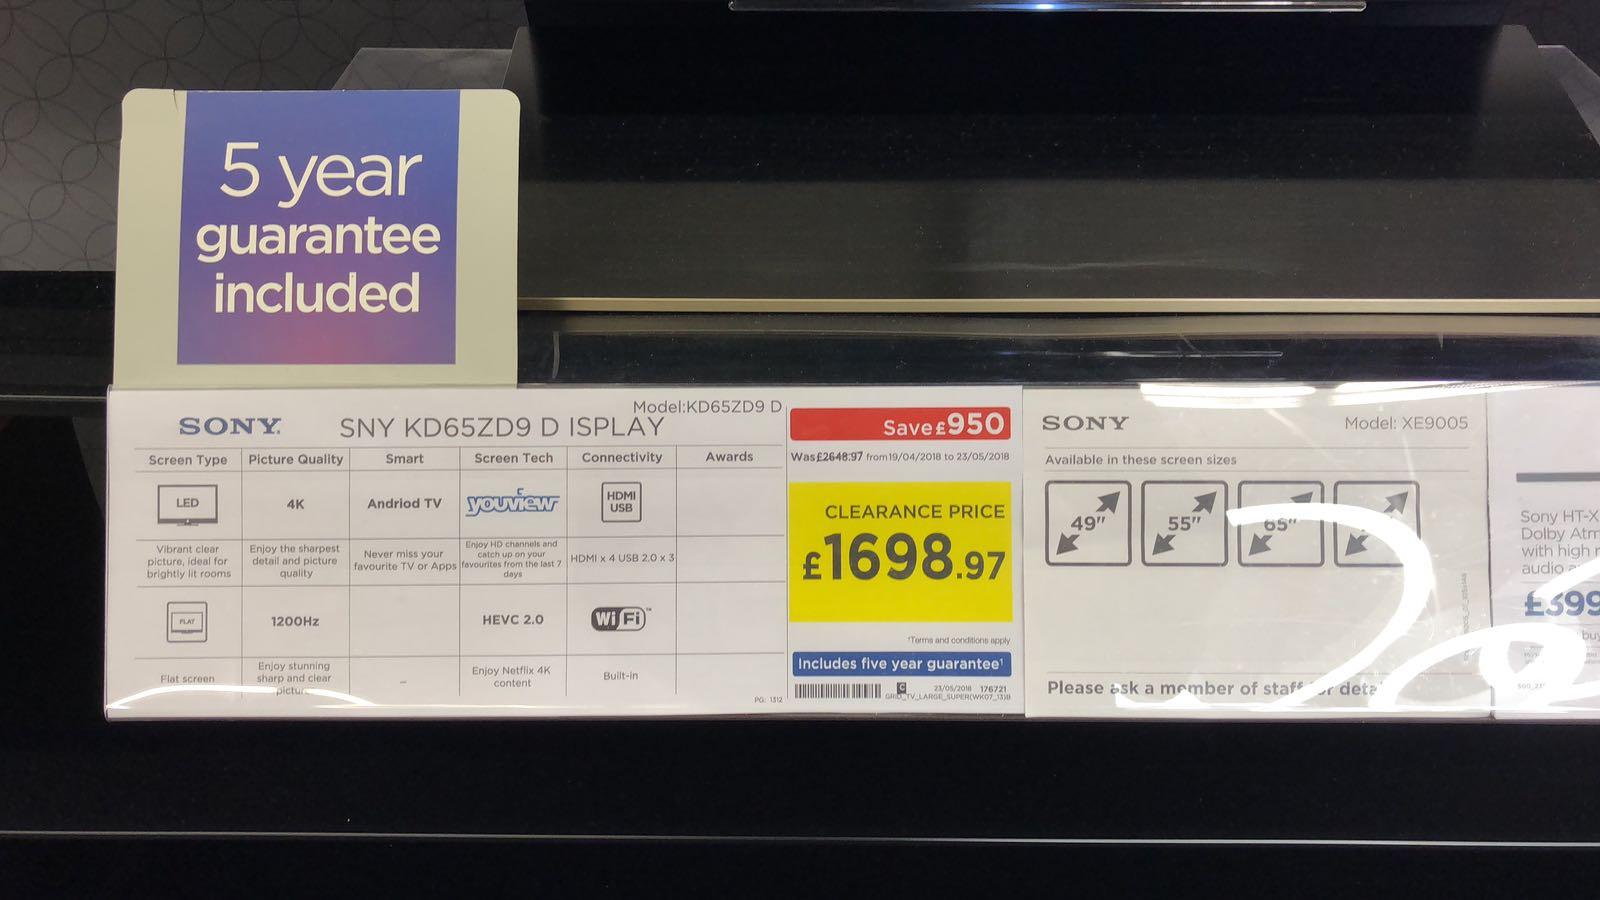 Sony 65 inch kd65zd9 £1698.97 @ Currys in Croydon